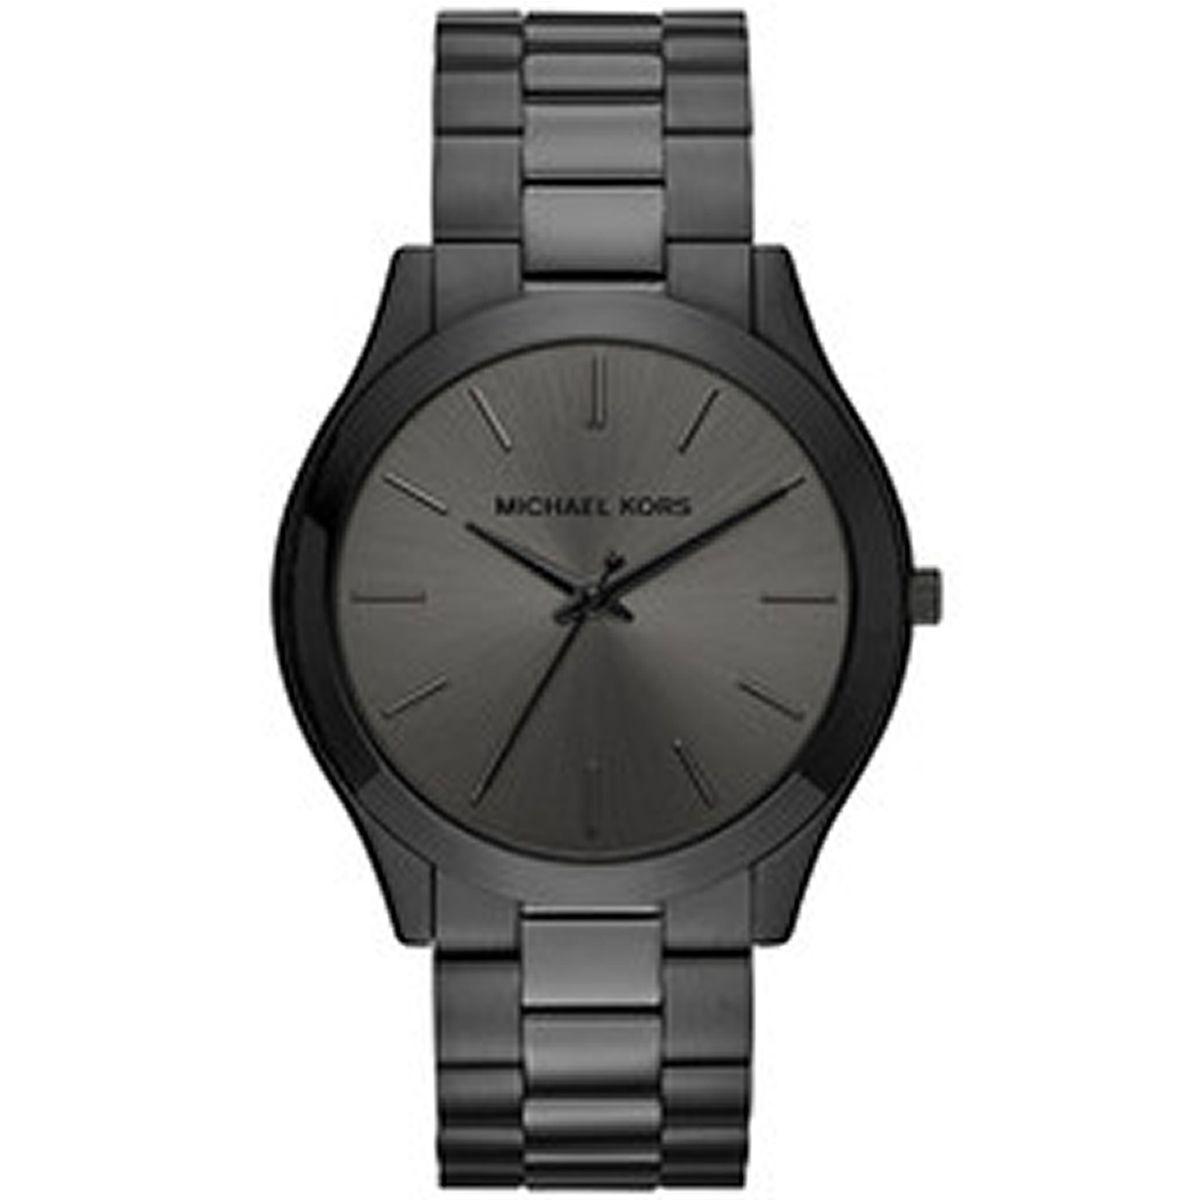 66f56f73a07b5 Michael Kors Watches - Macy s